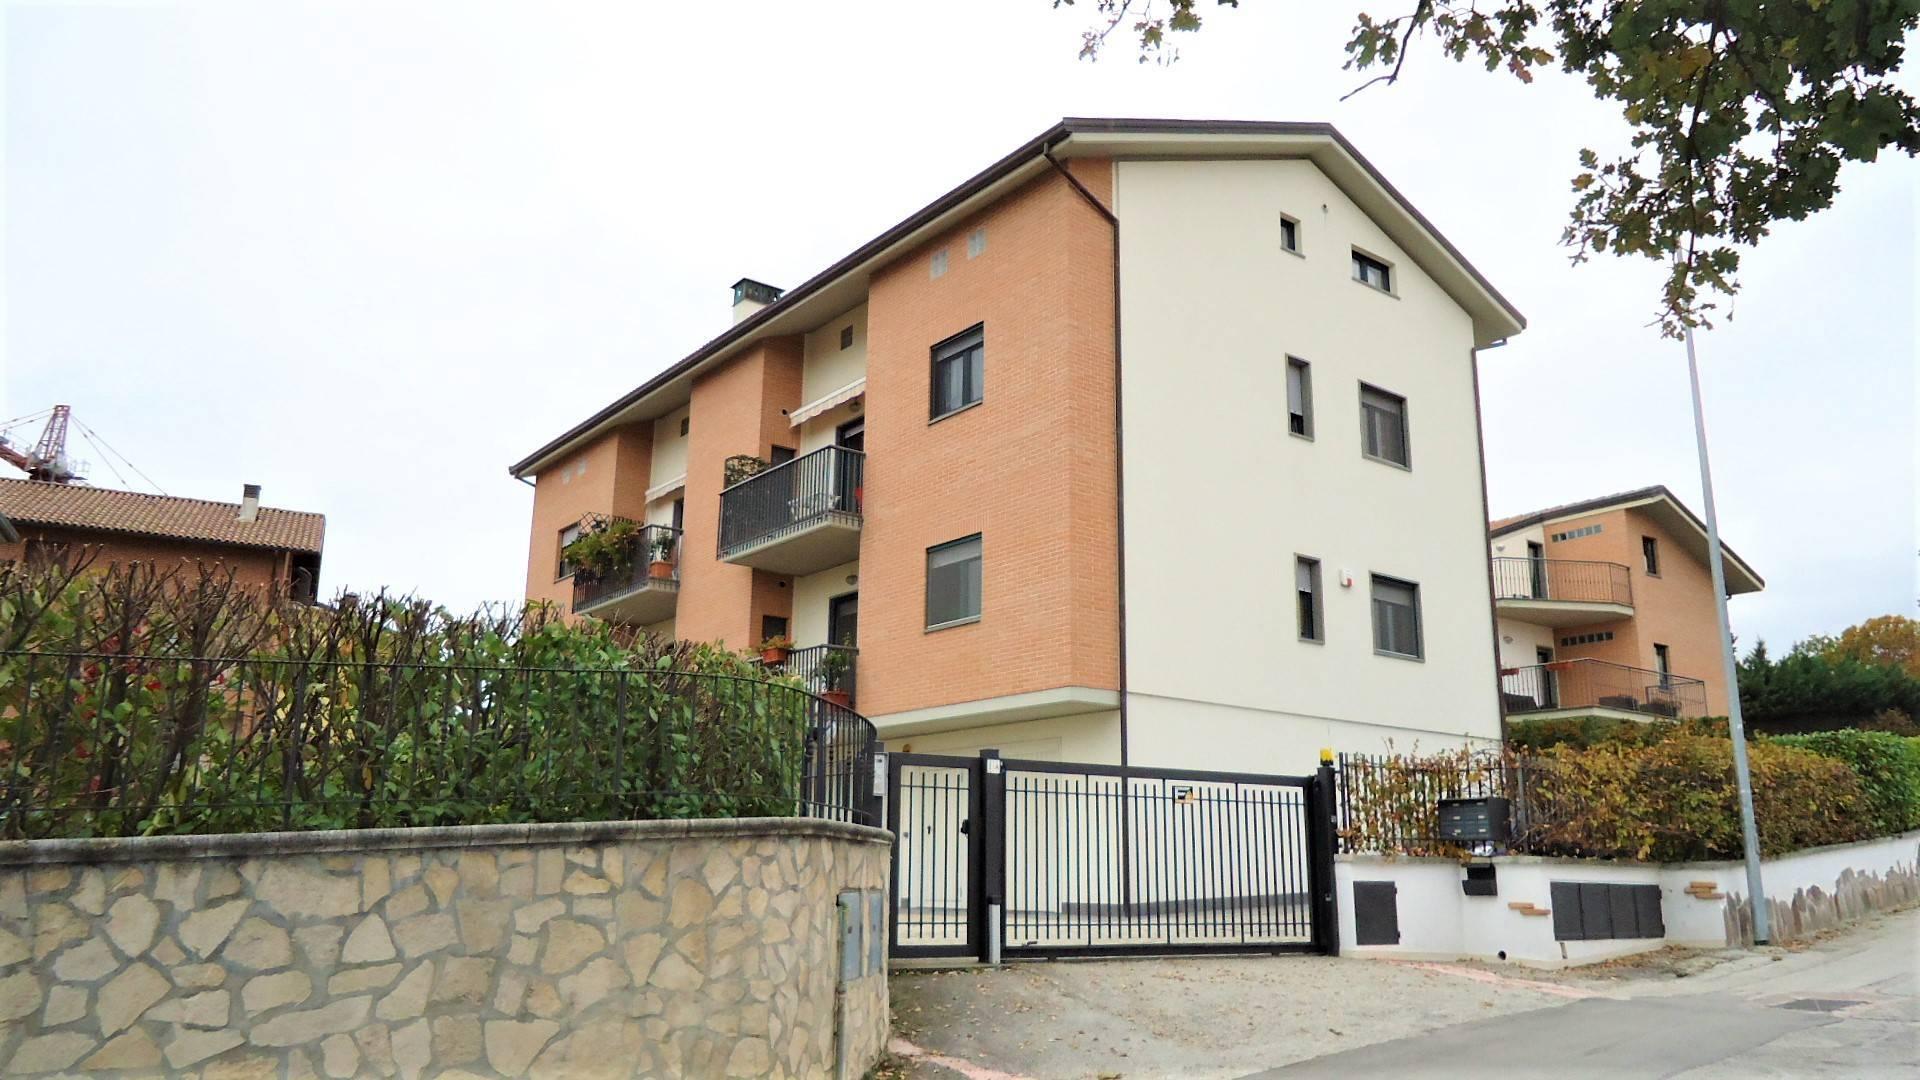 Attico / Mansarda in vendita a L'Aquila, 3 locali, zona Località: Torretta, prezzo € 50.000 | PortaleAgenzieImmobiliari.it